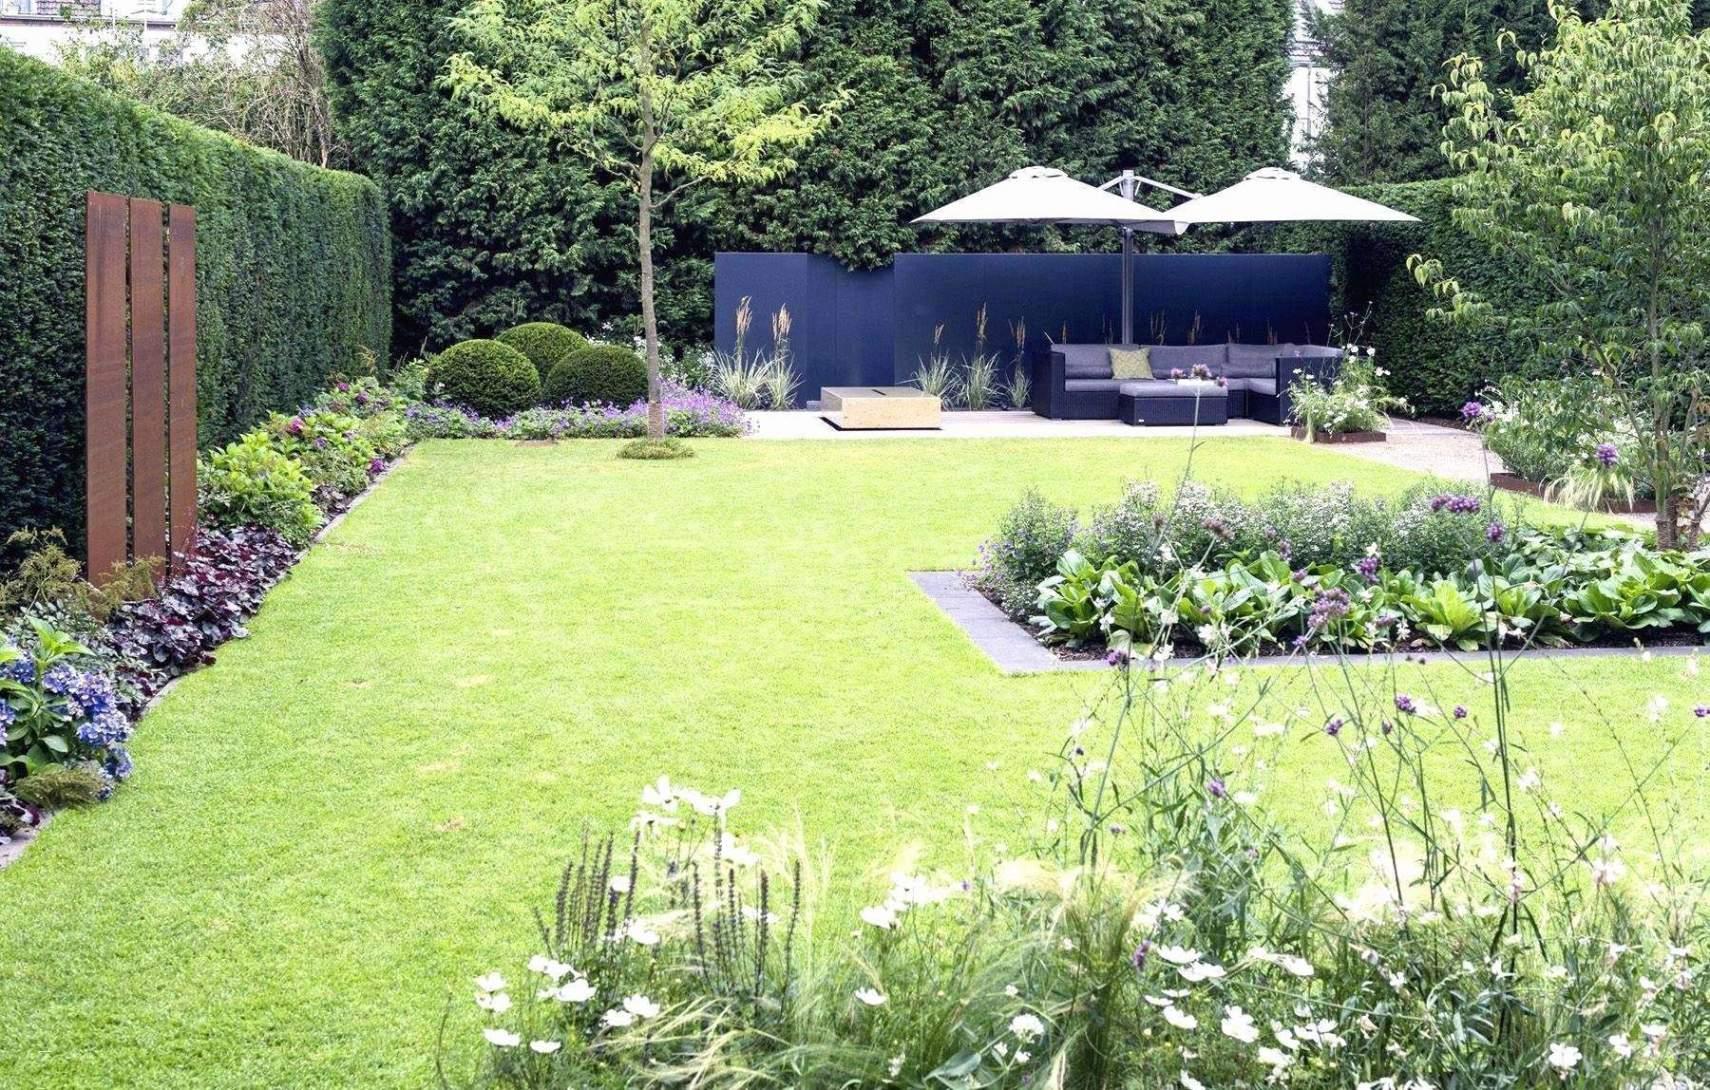 Feuerstelle Im Garten Inspirierend Feuerstellen Im Garten — Temobardz Home Blog